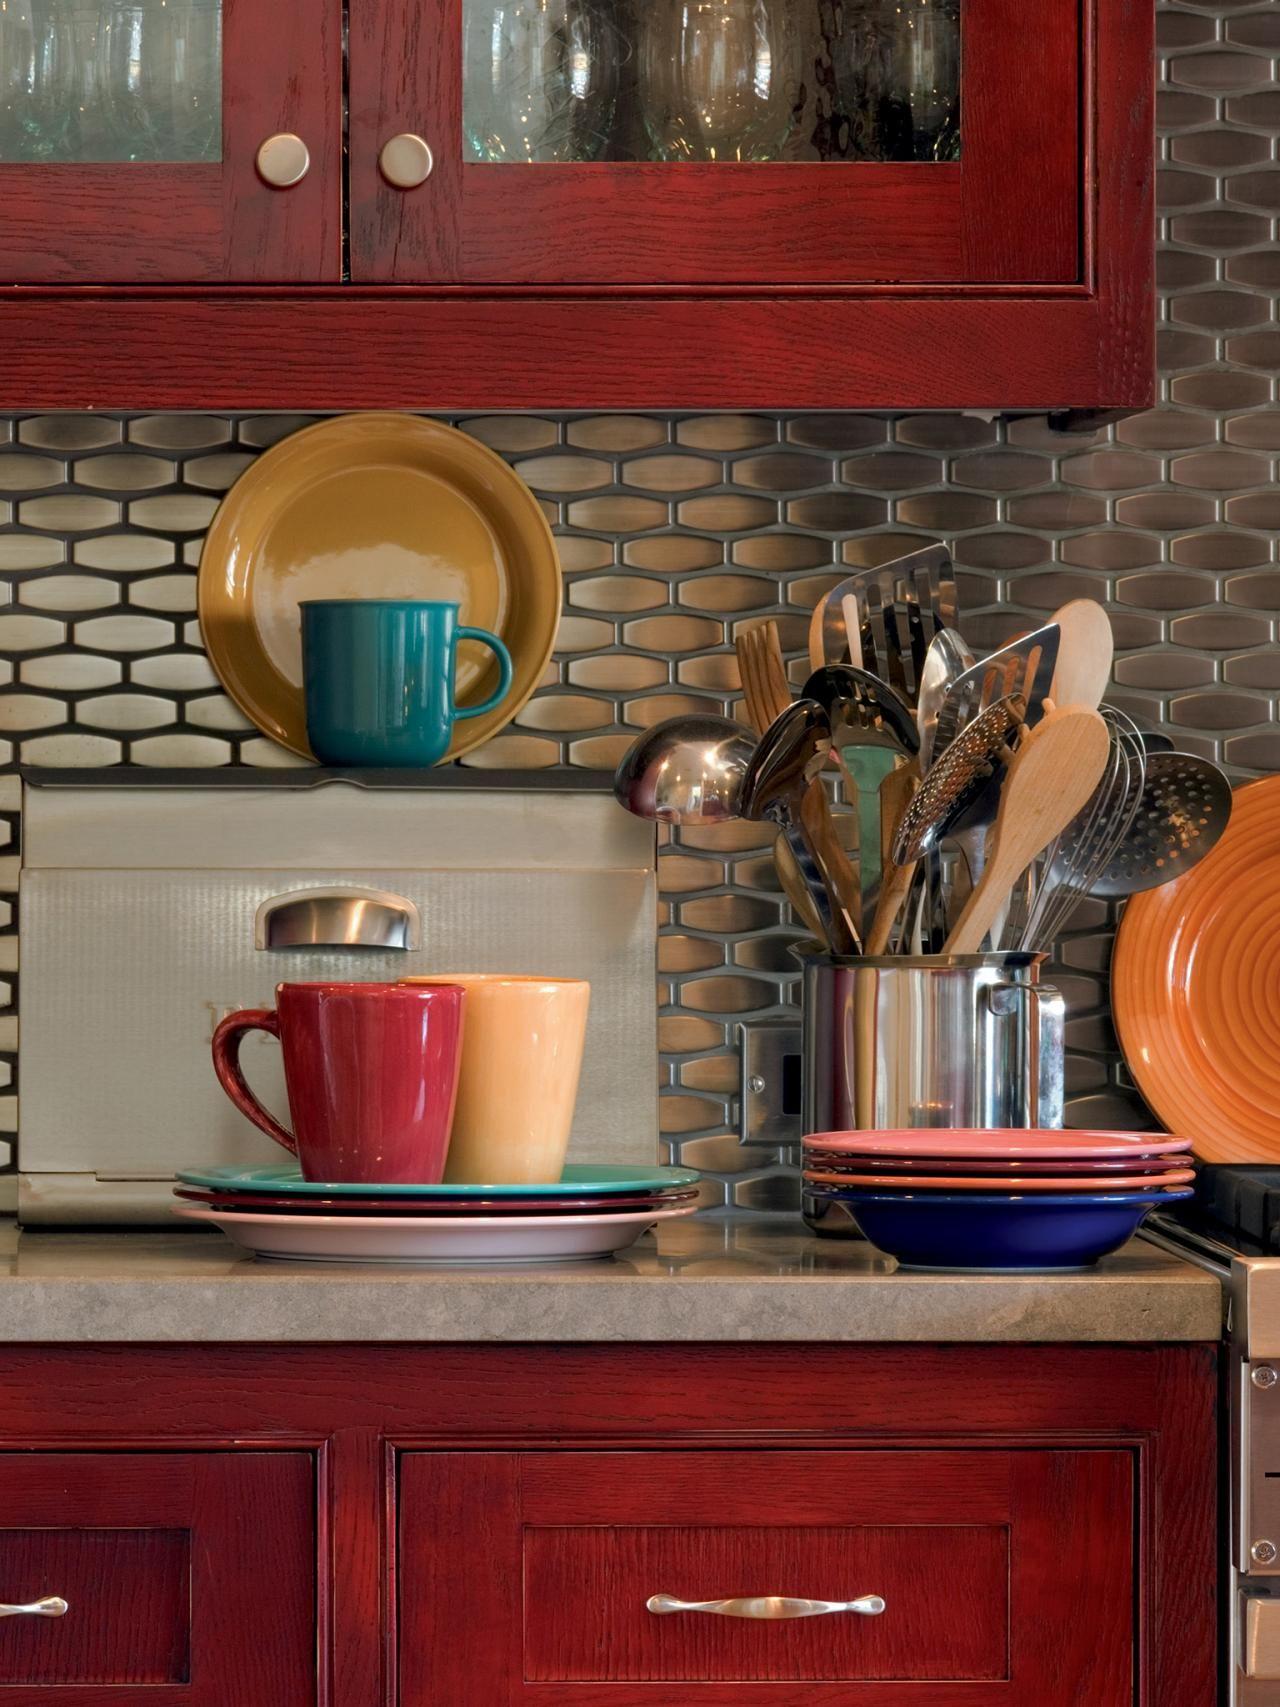 Kitchen Tile Backsplash Ideas Pictures Tips From Hgtv Creative Kitchen Backsplash Red Kitchen Cabinets Trendy Kitchen Backsplash